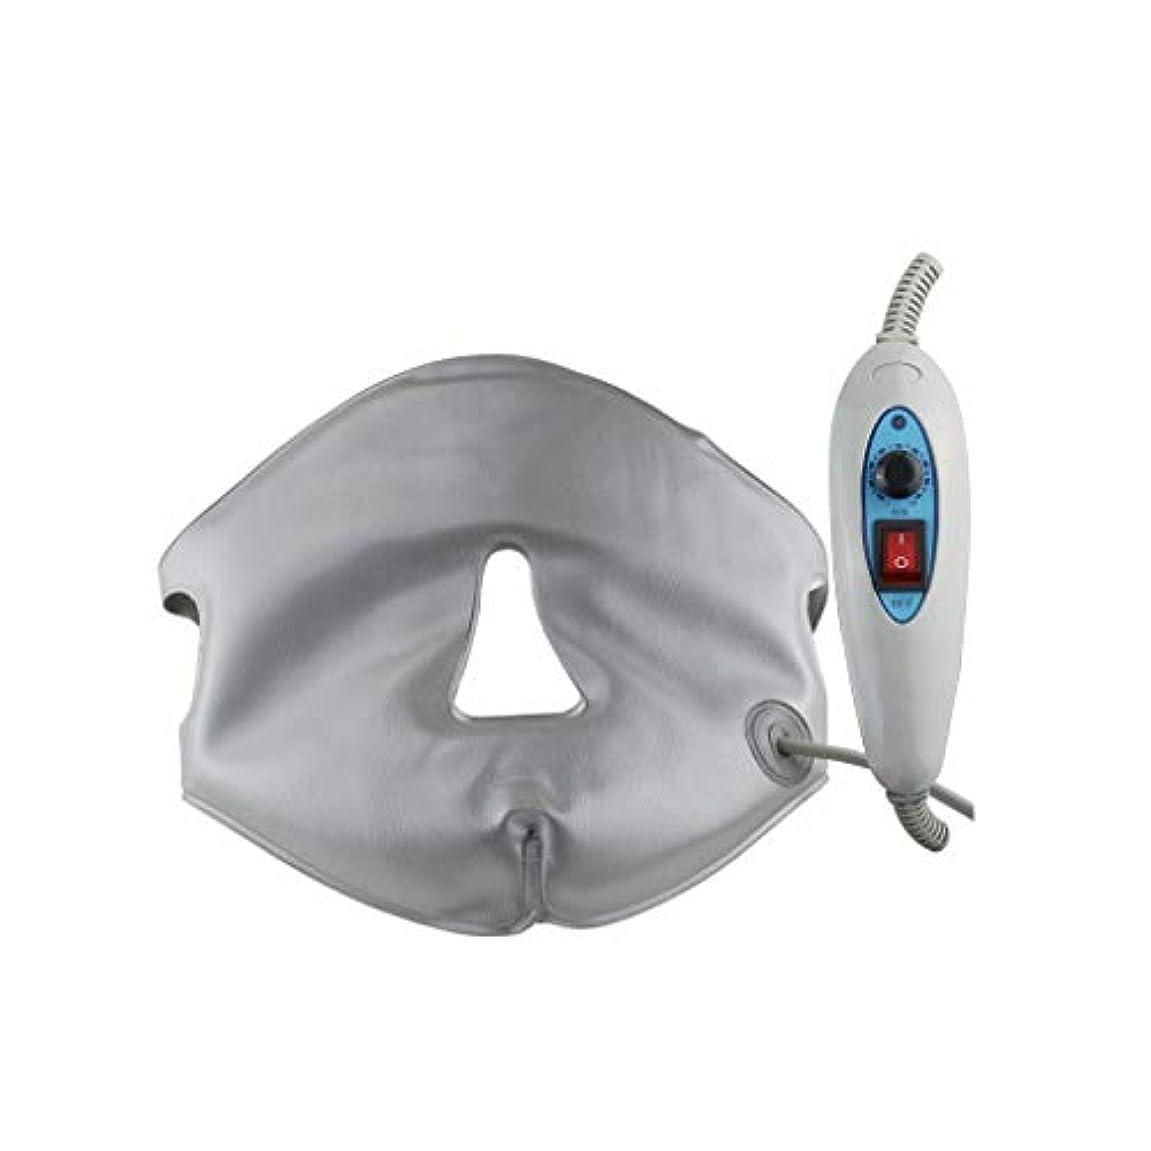 バッチ主婦割合XHLMRMJ フェイスリフティングマスク、フェイシャルスリミング、遠赤外線ホワイトニングと若返りホットコンプレス、フェイシャルマッサージ、ハイドレーティングVフェイスマスク、美容機器